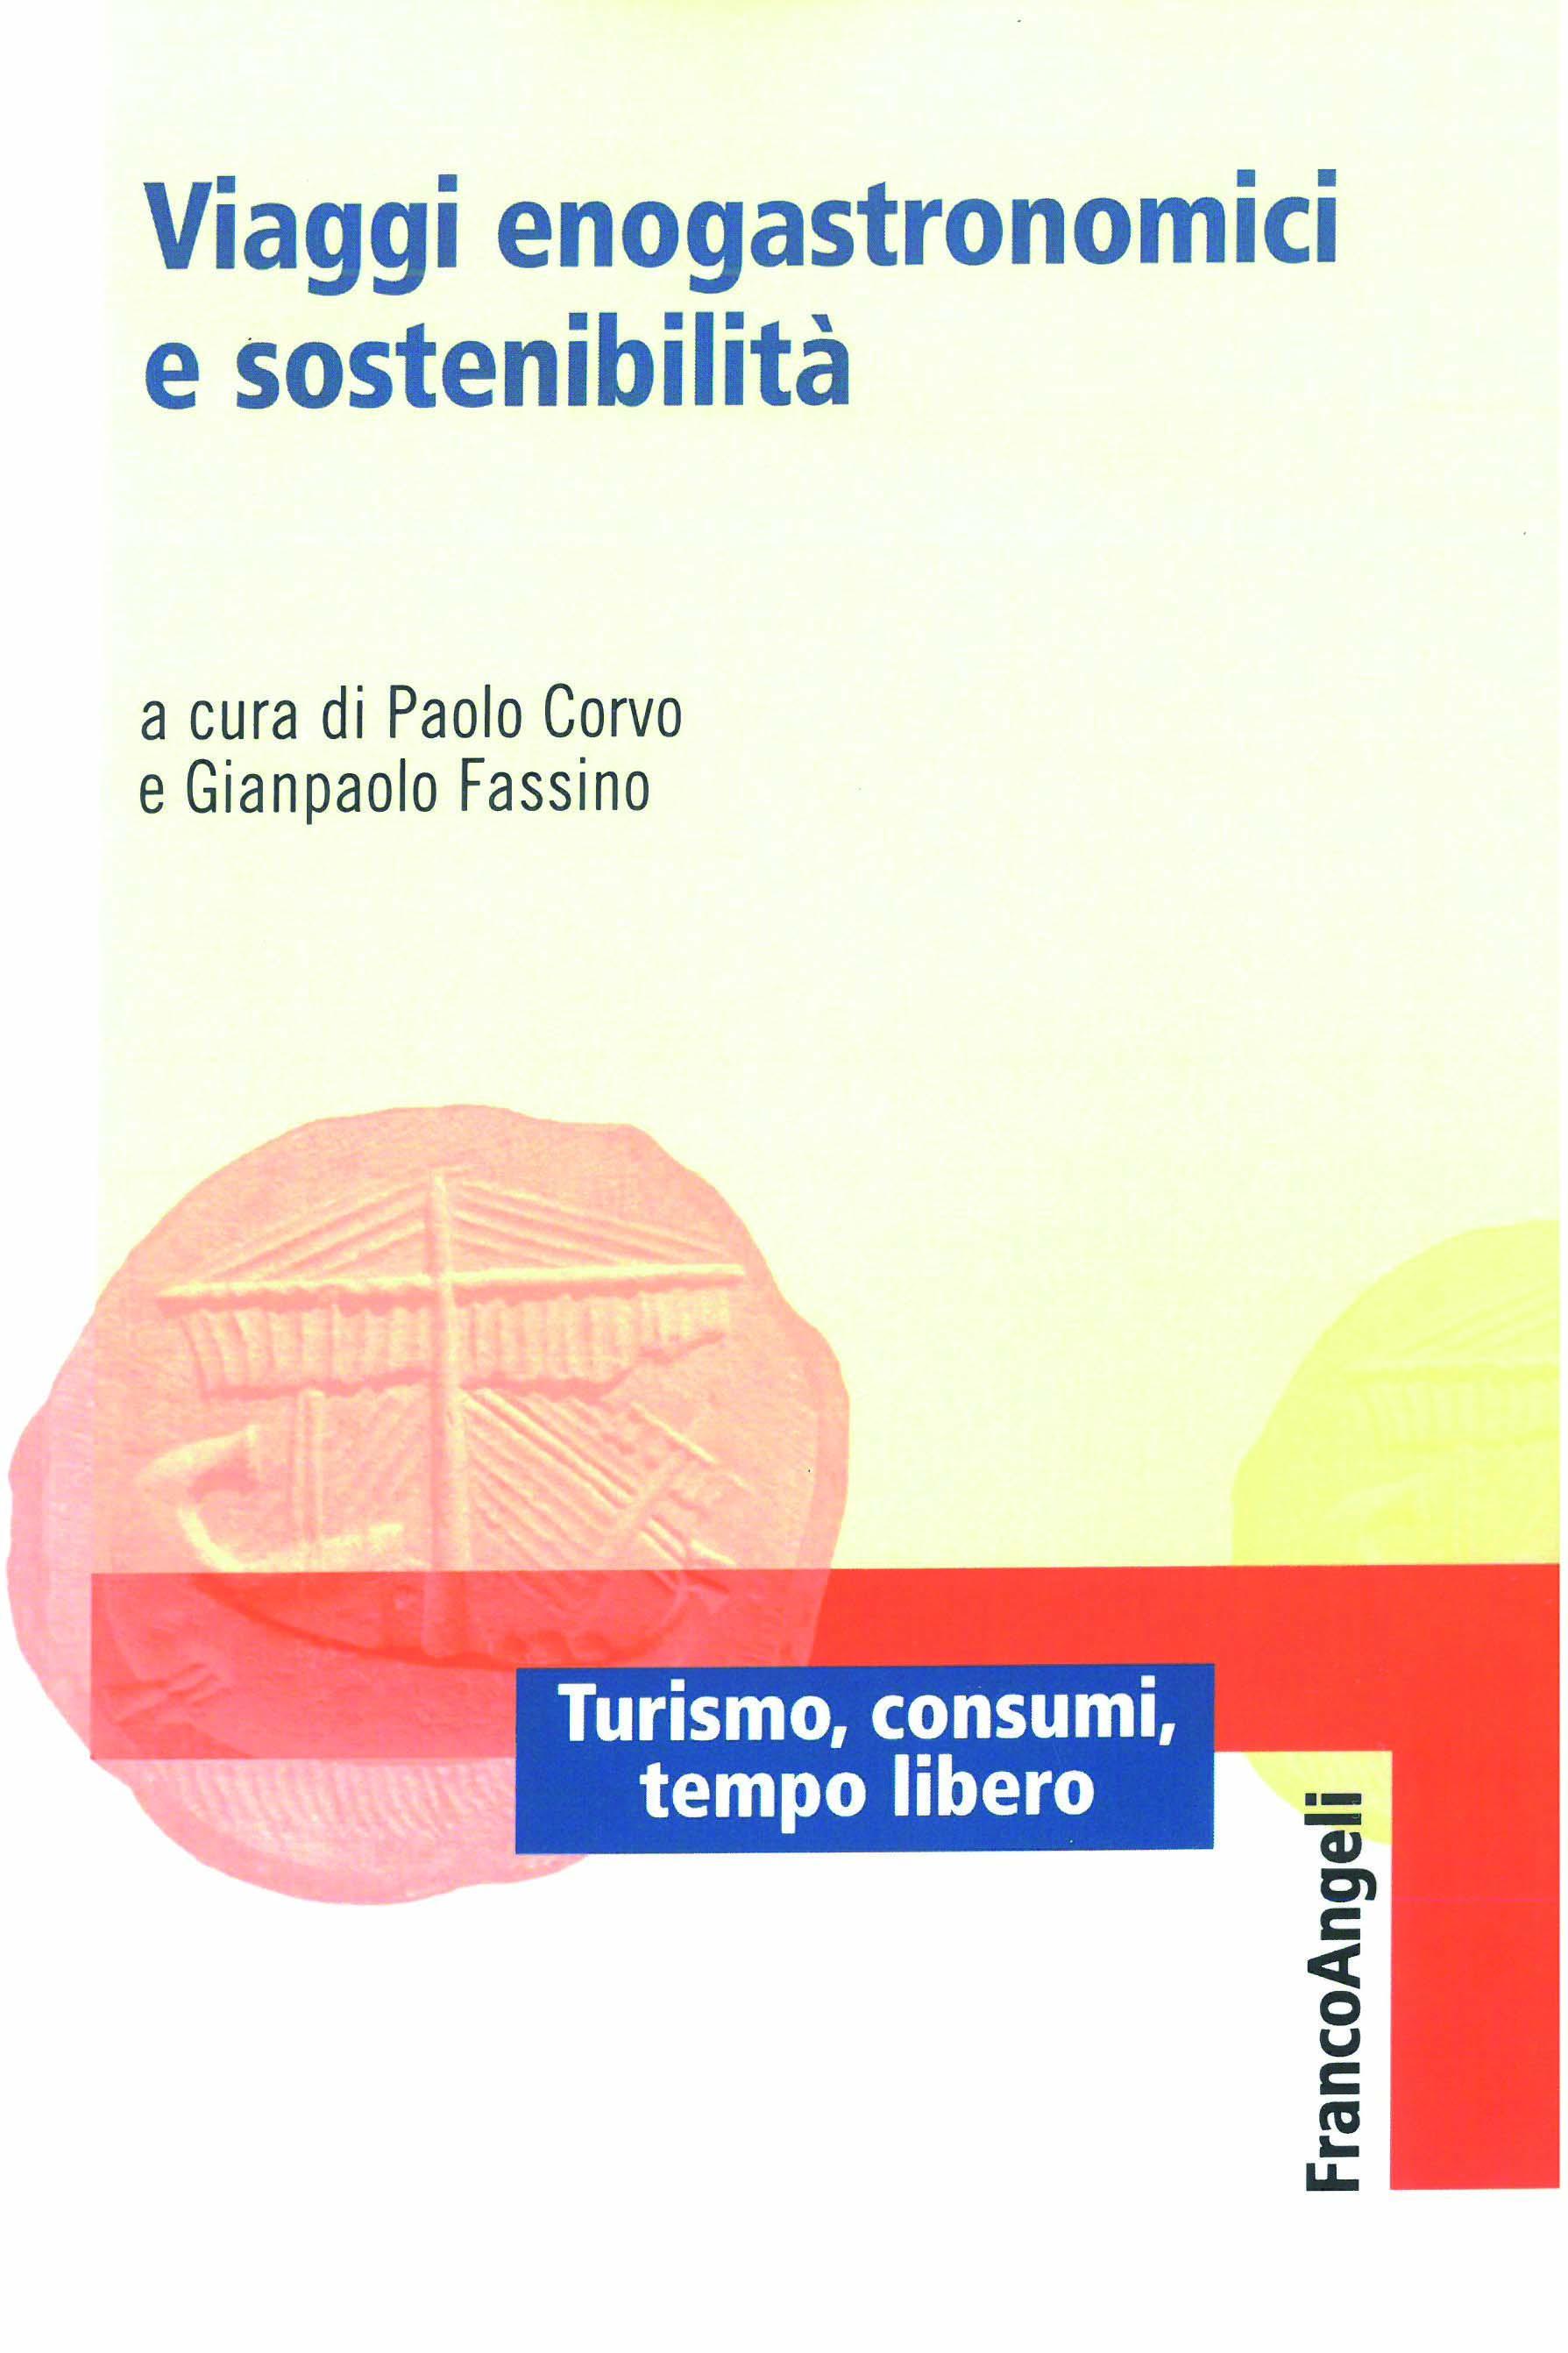 Viaggi enpgastronomici e sostenibilità - copertina